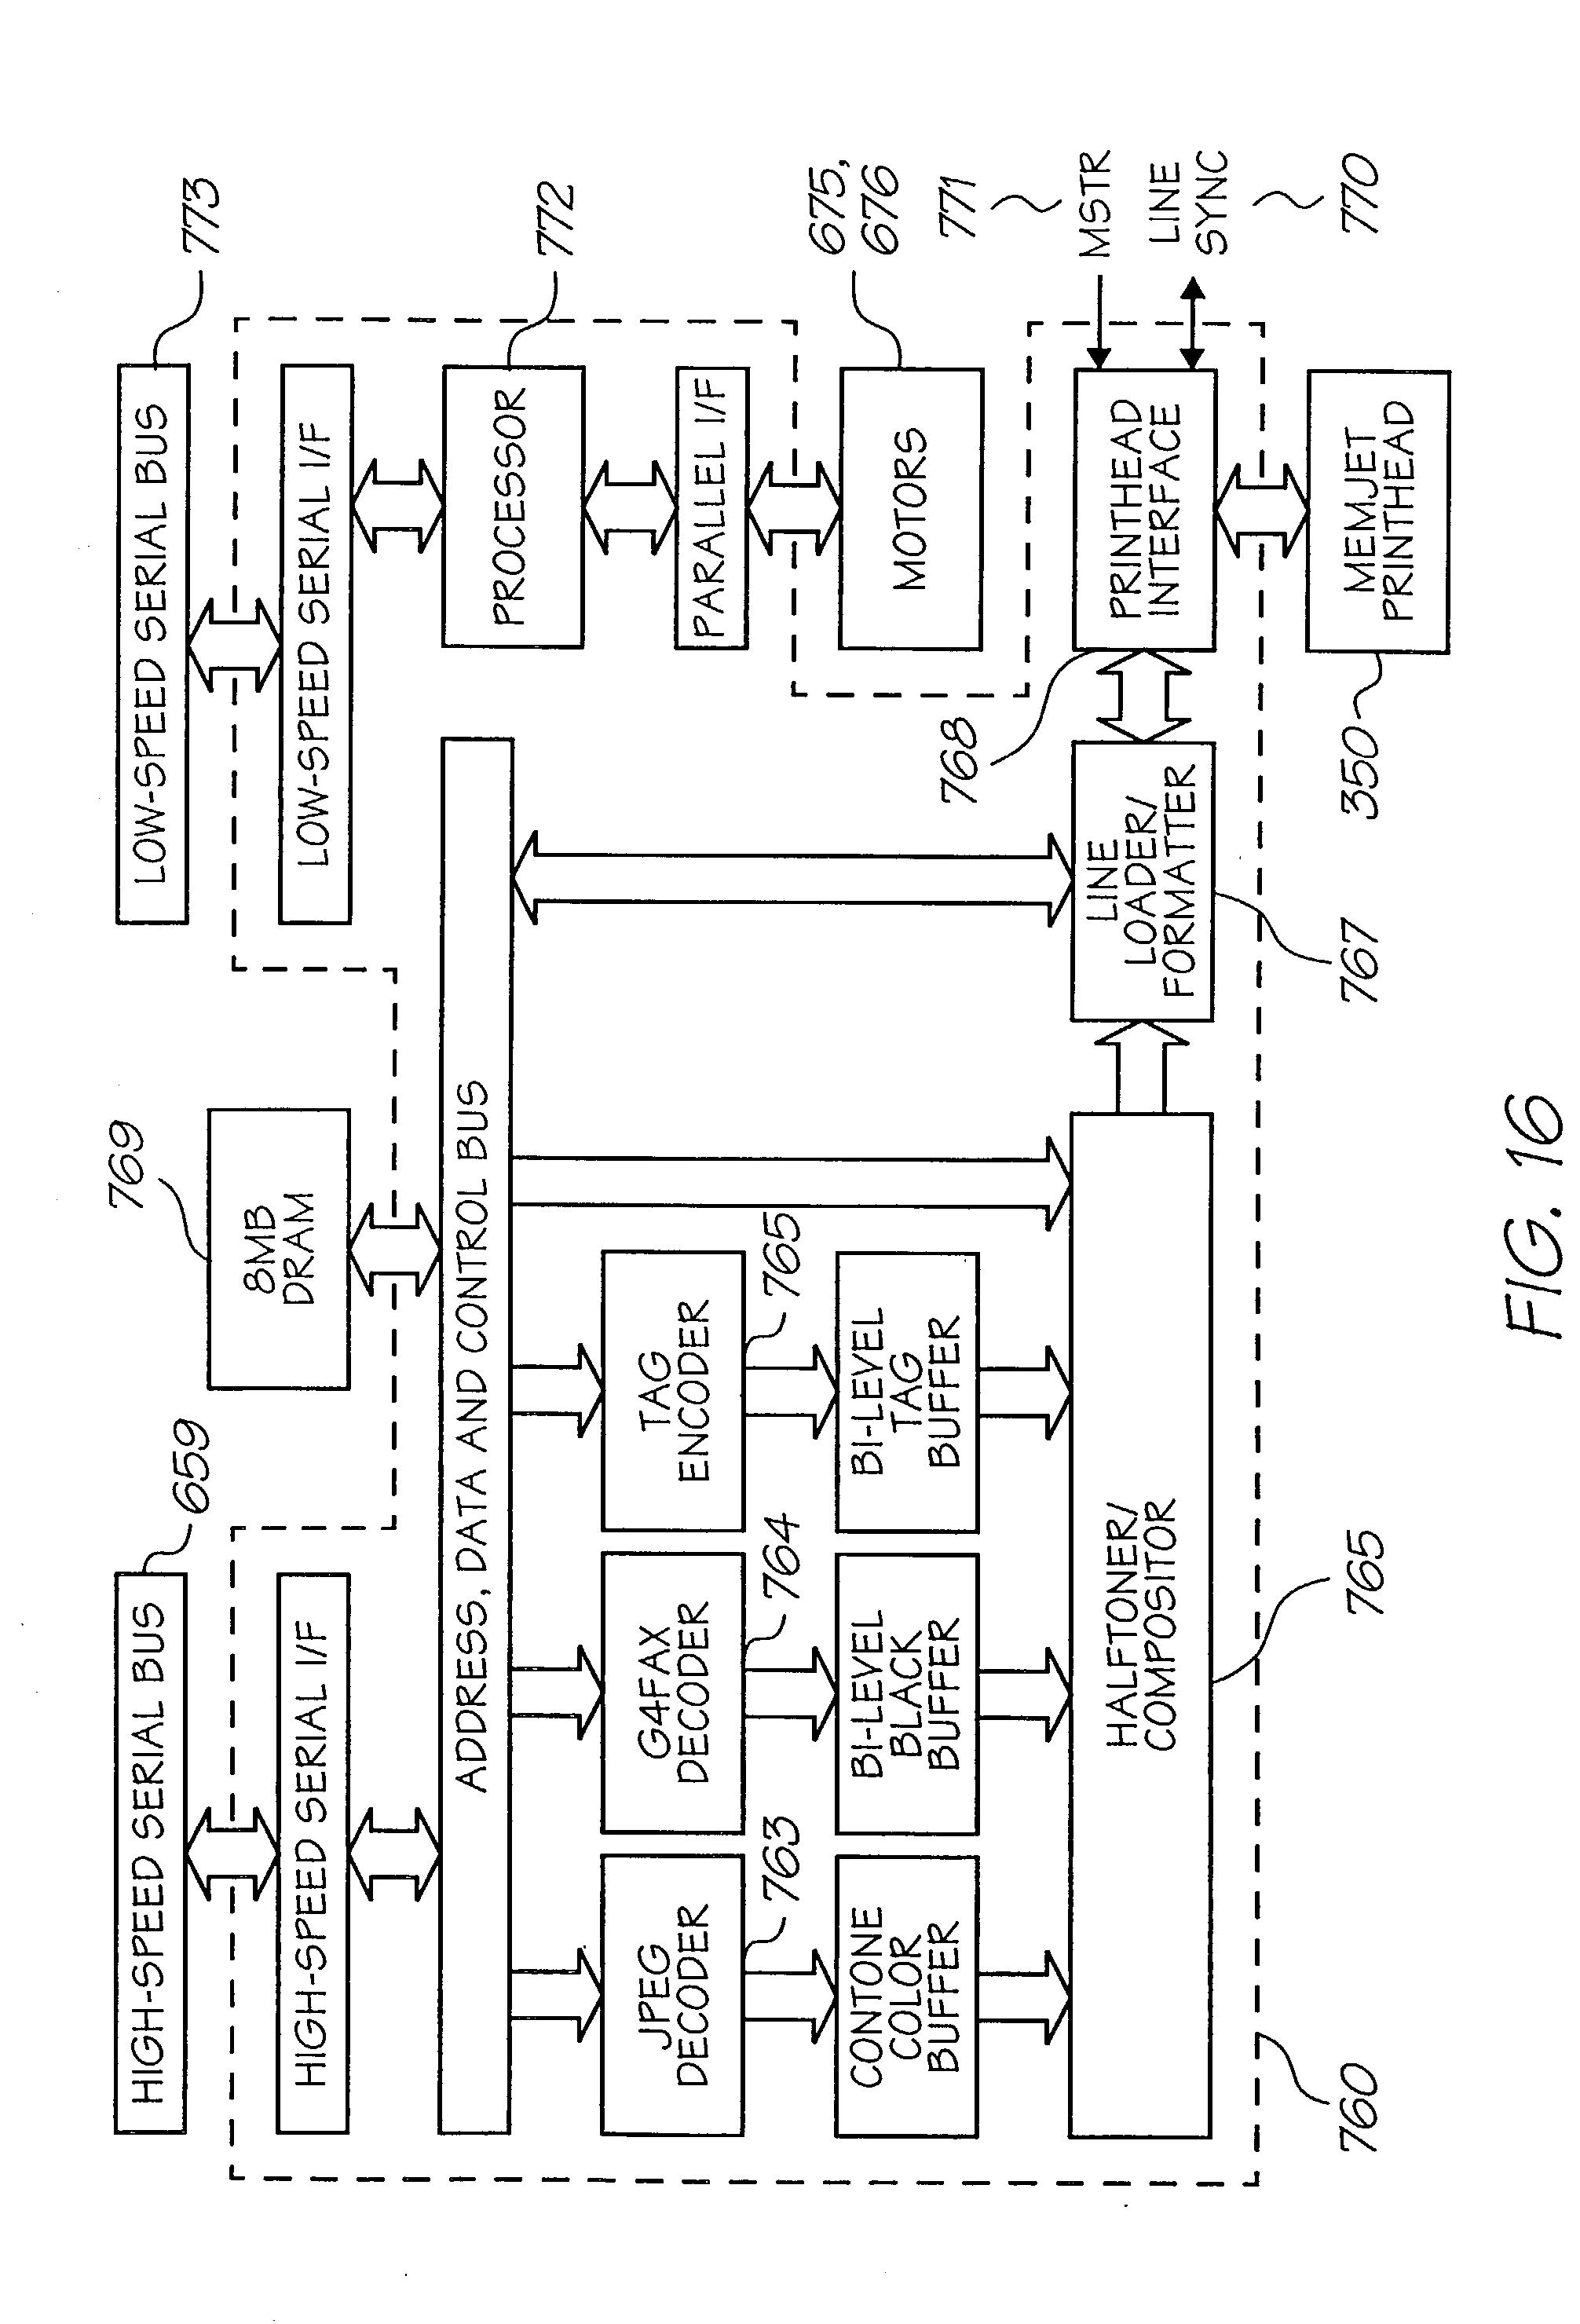 data mining diagram free wiring diagram images